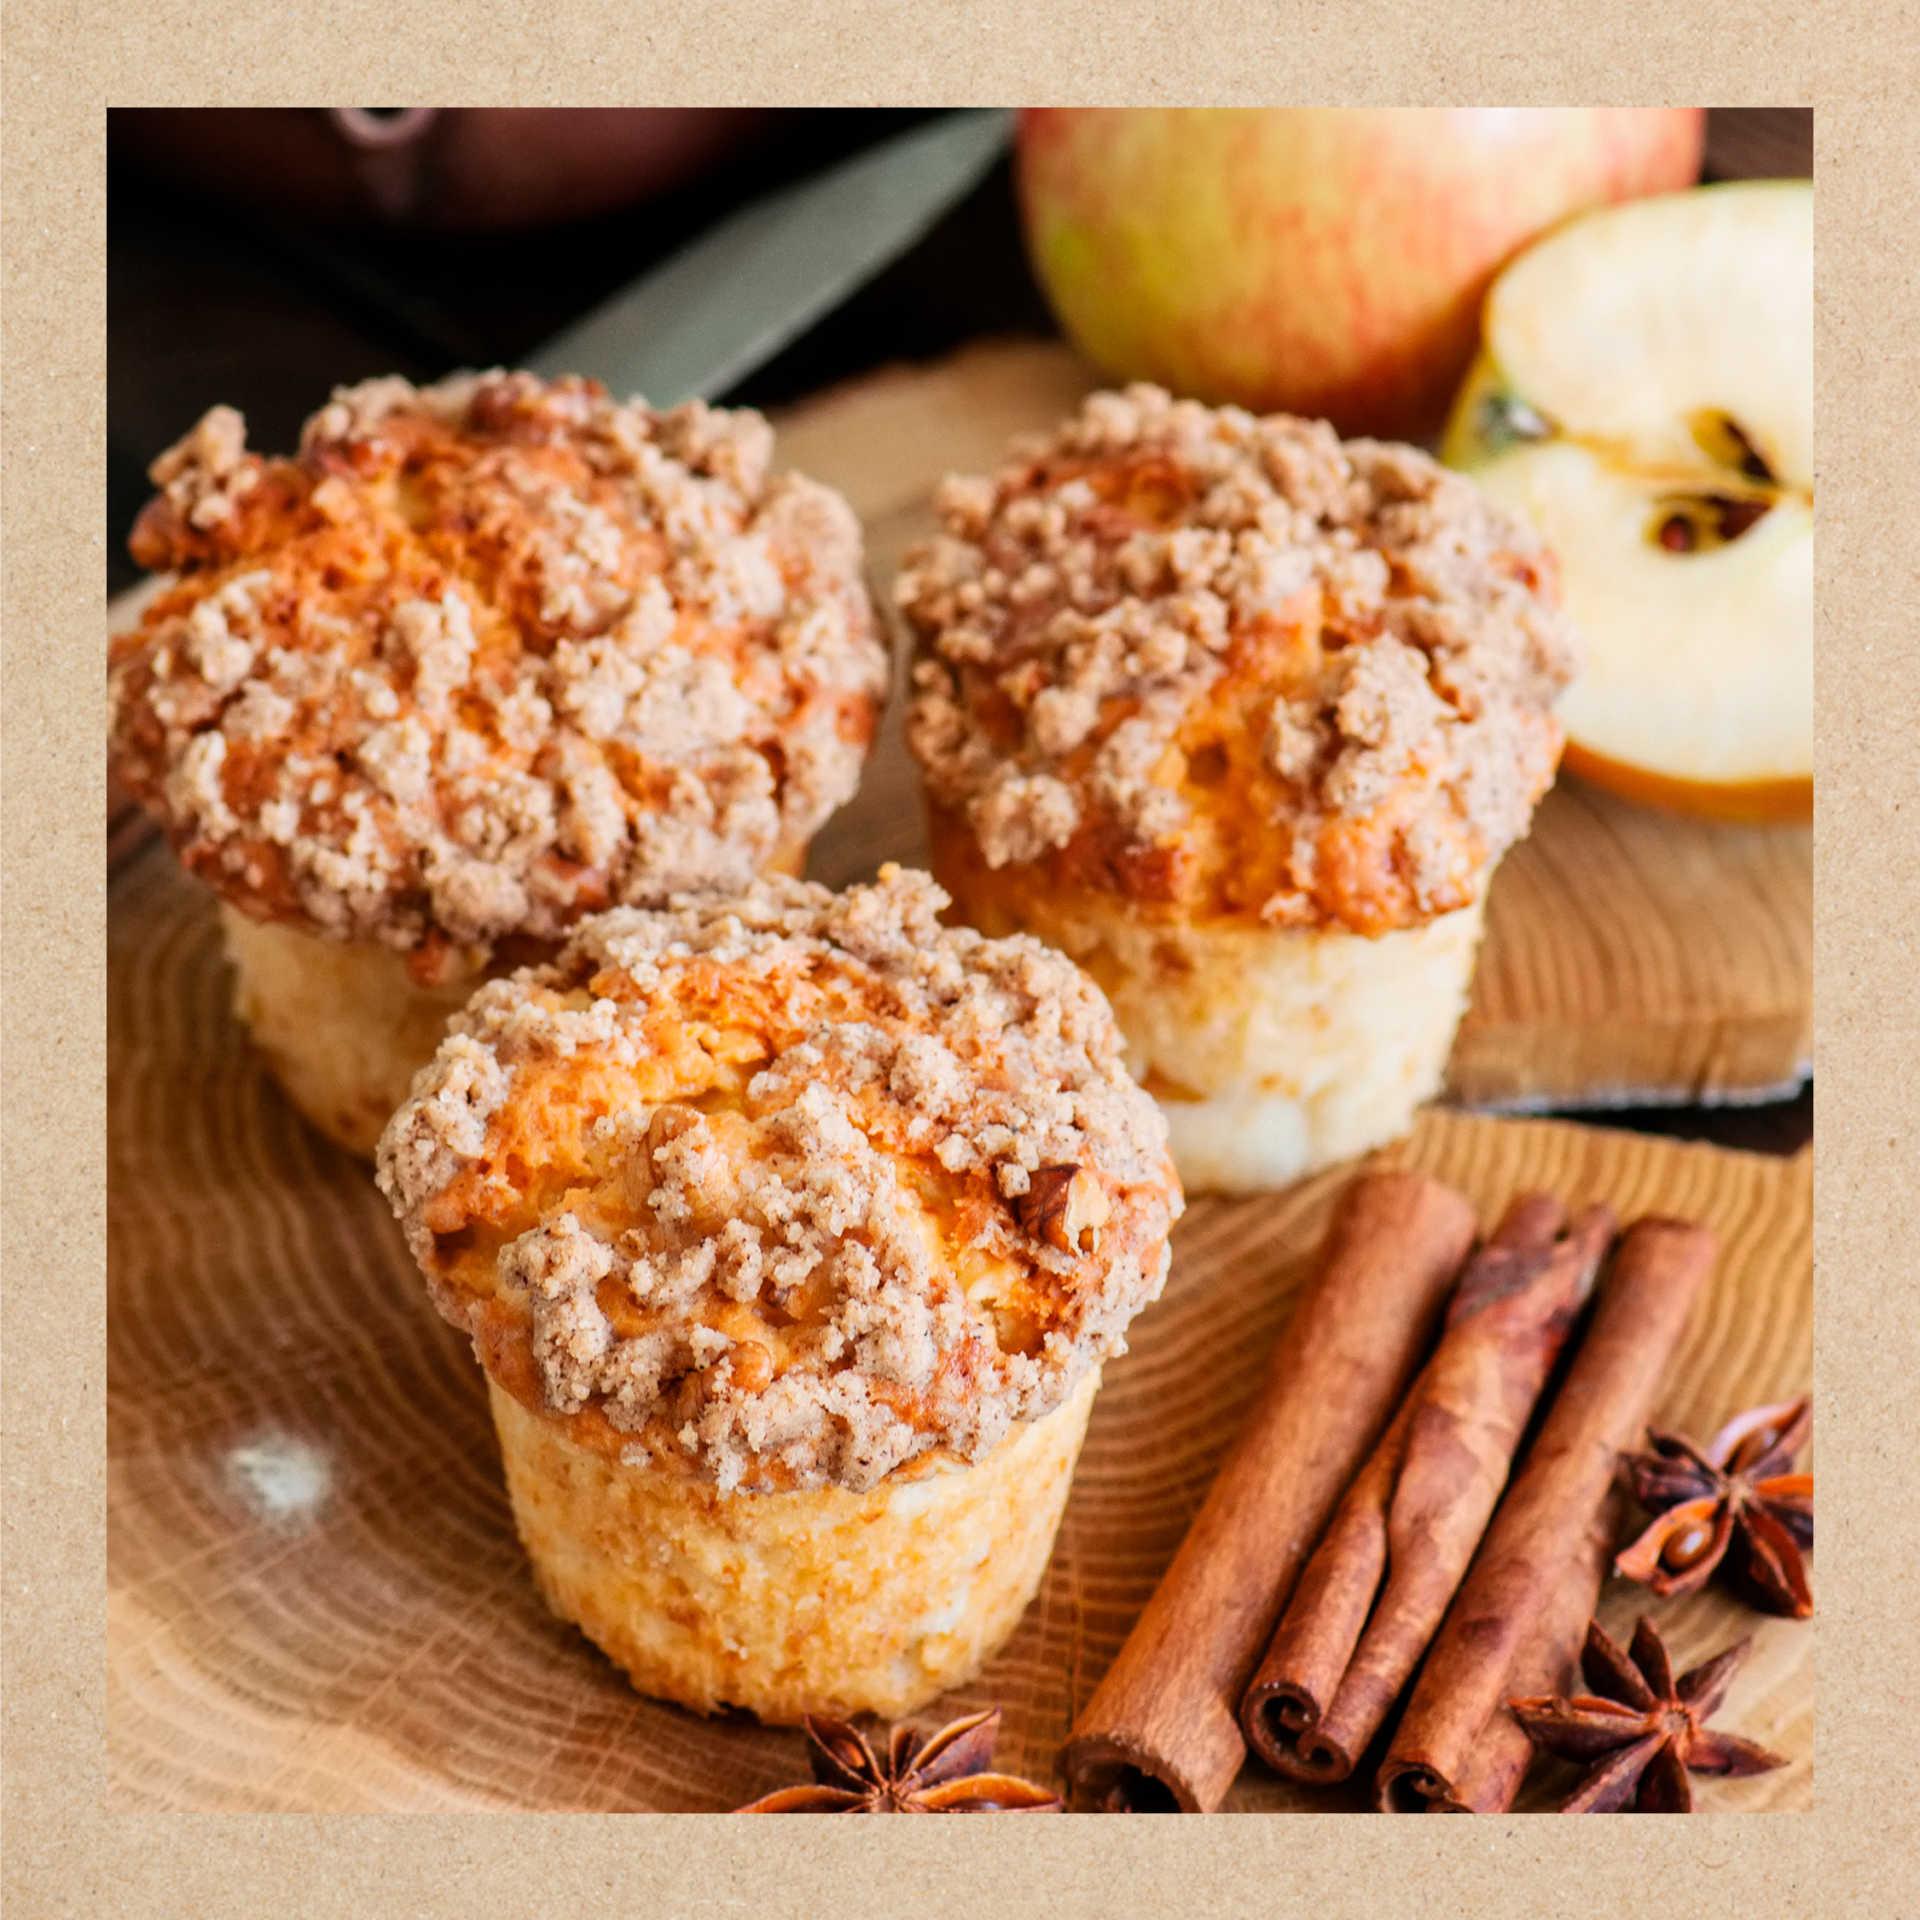 receta muffin de manzana con crumble de avena